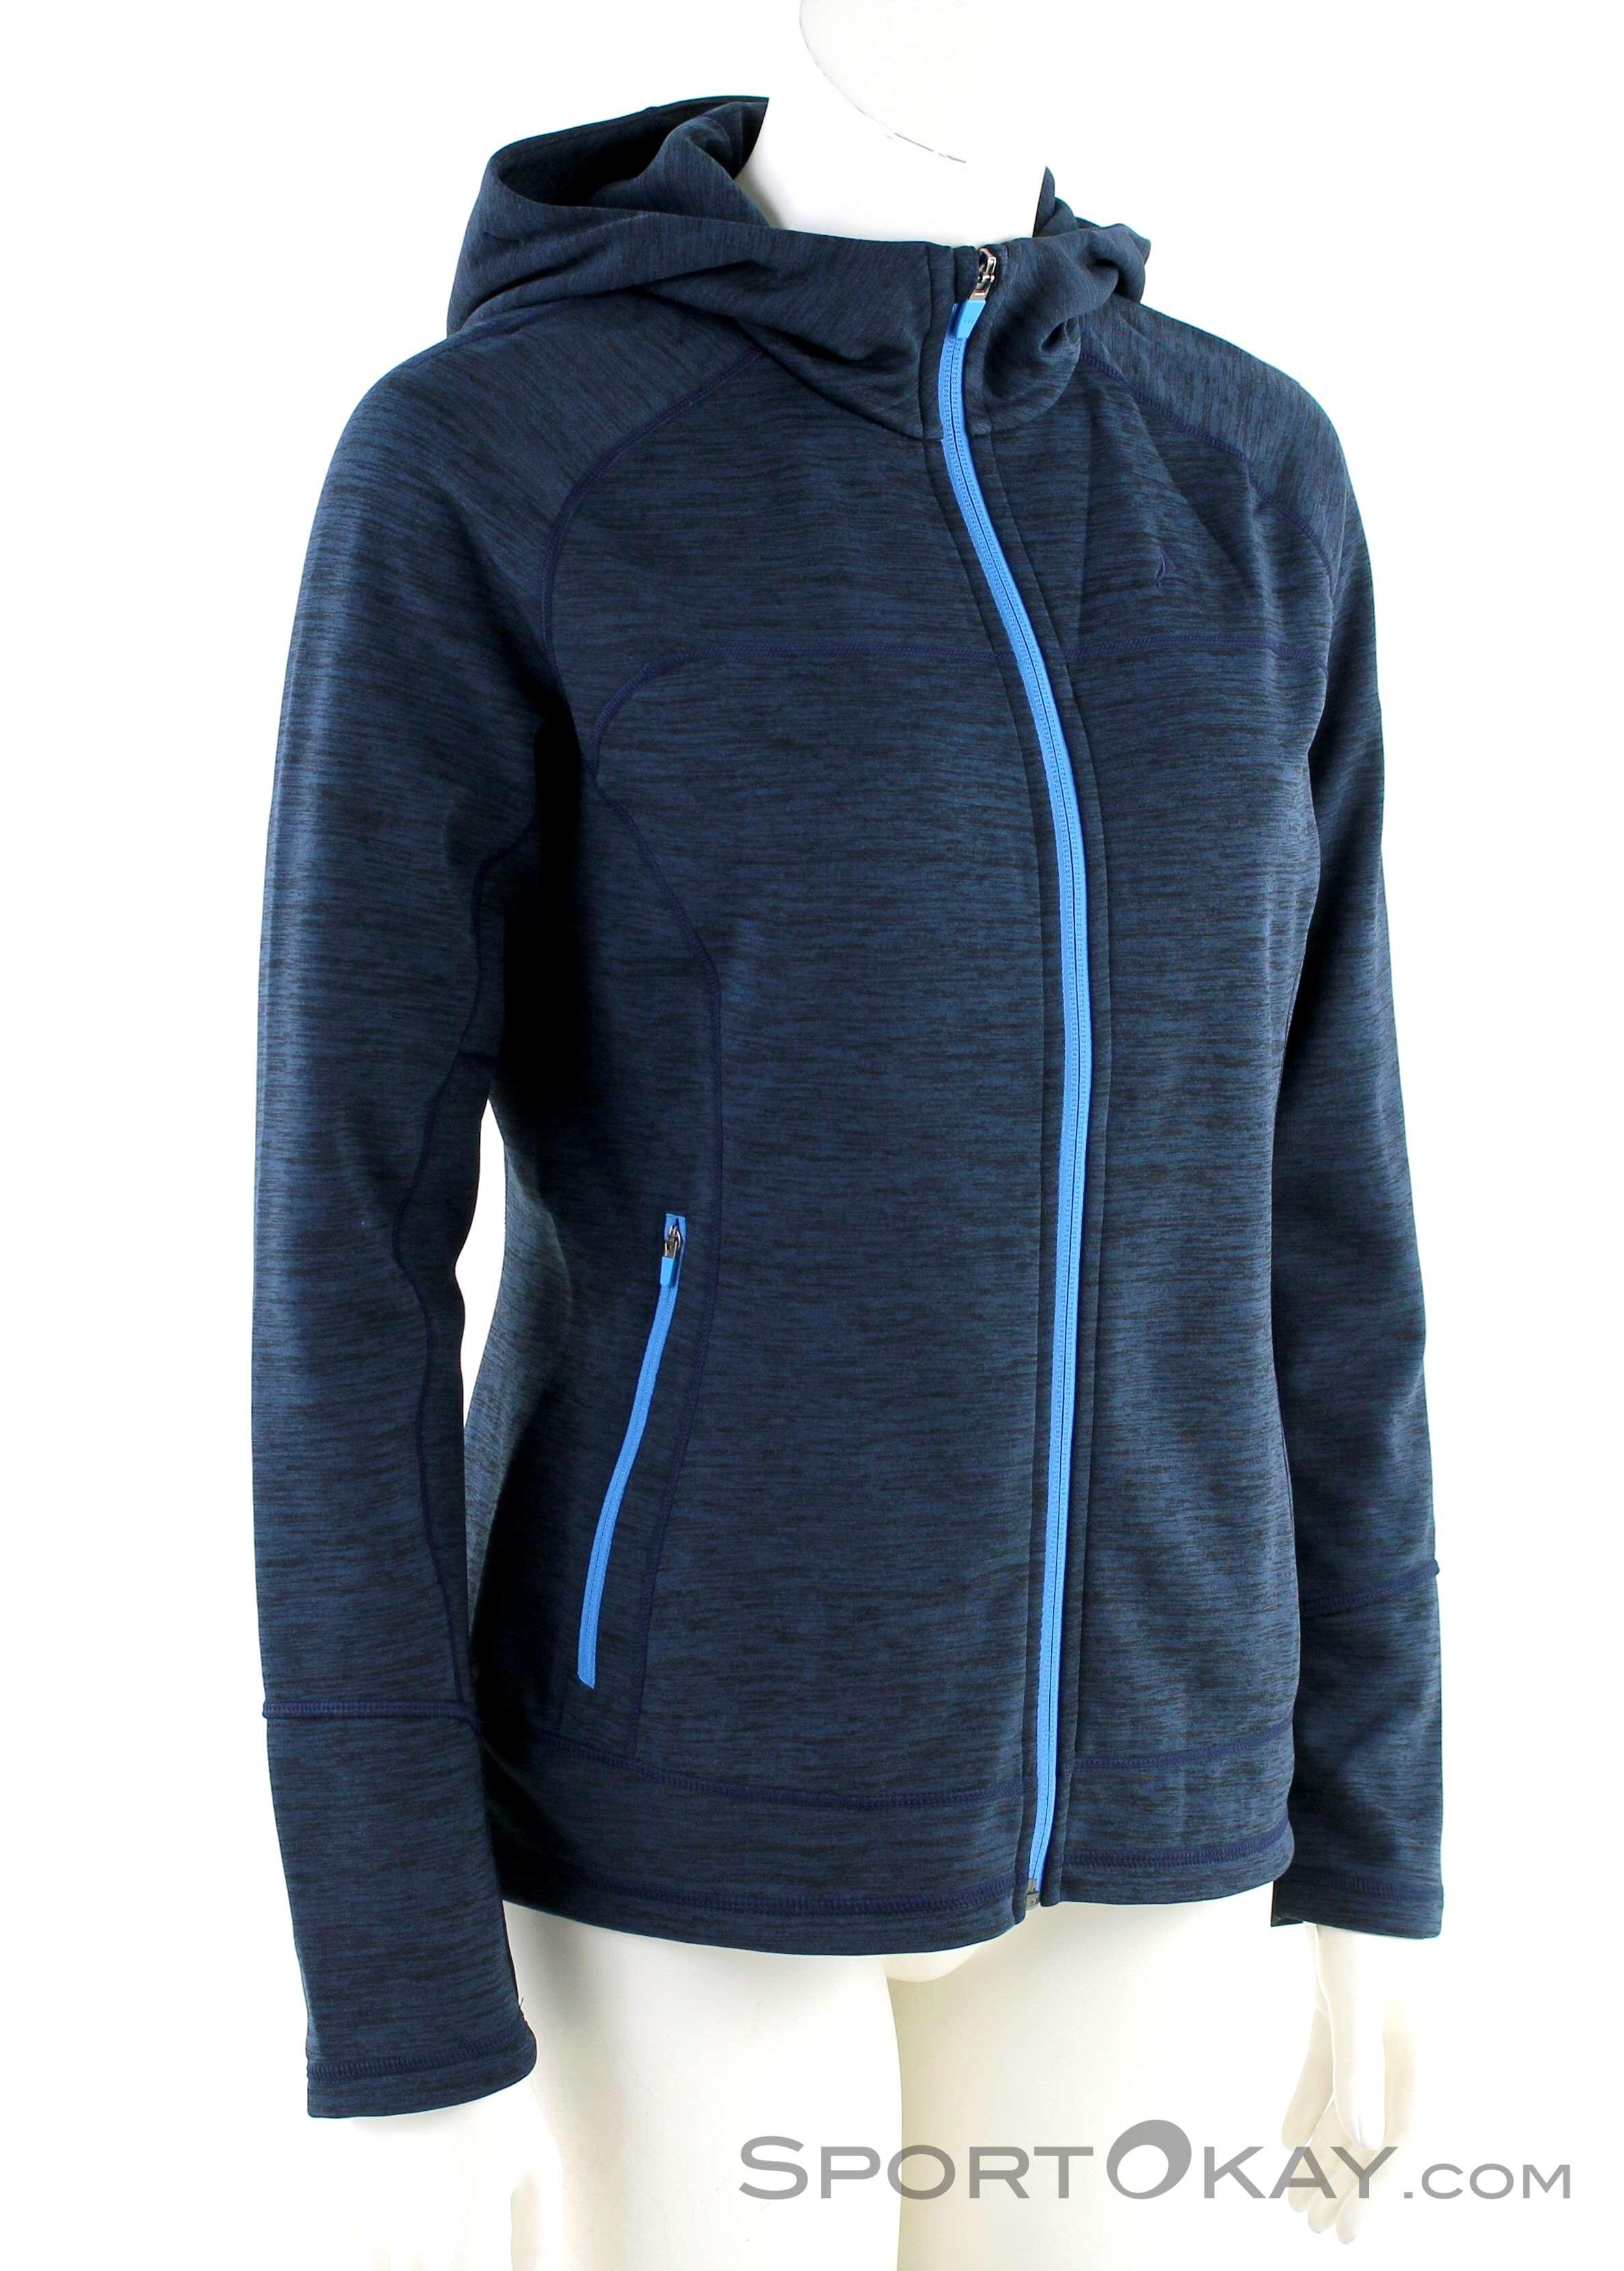 Sweater Trentino Hoody Outdoor Schöffel Fleece Womens AqcR5jL34